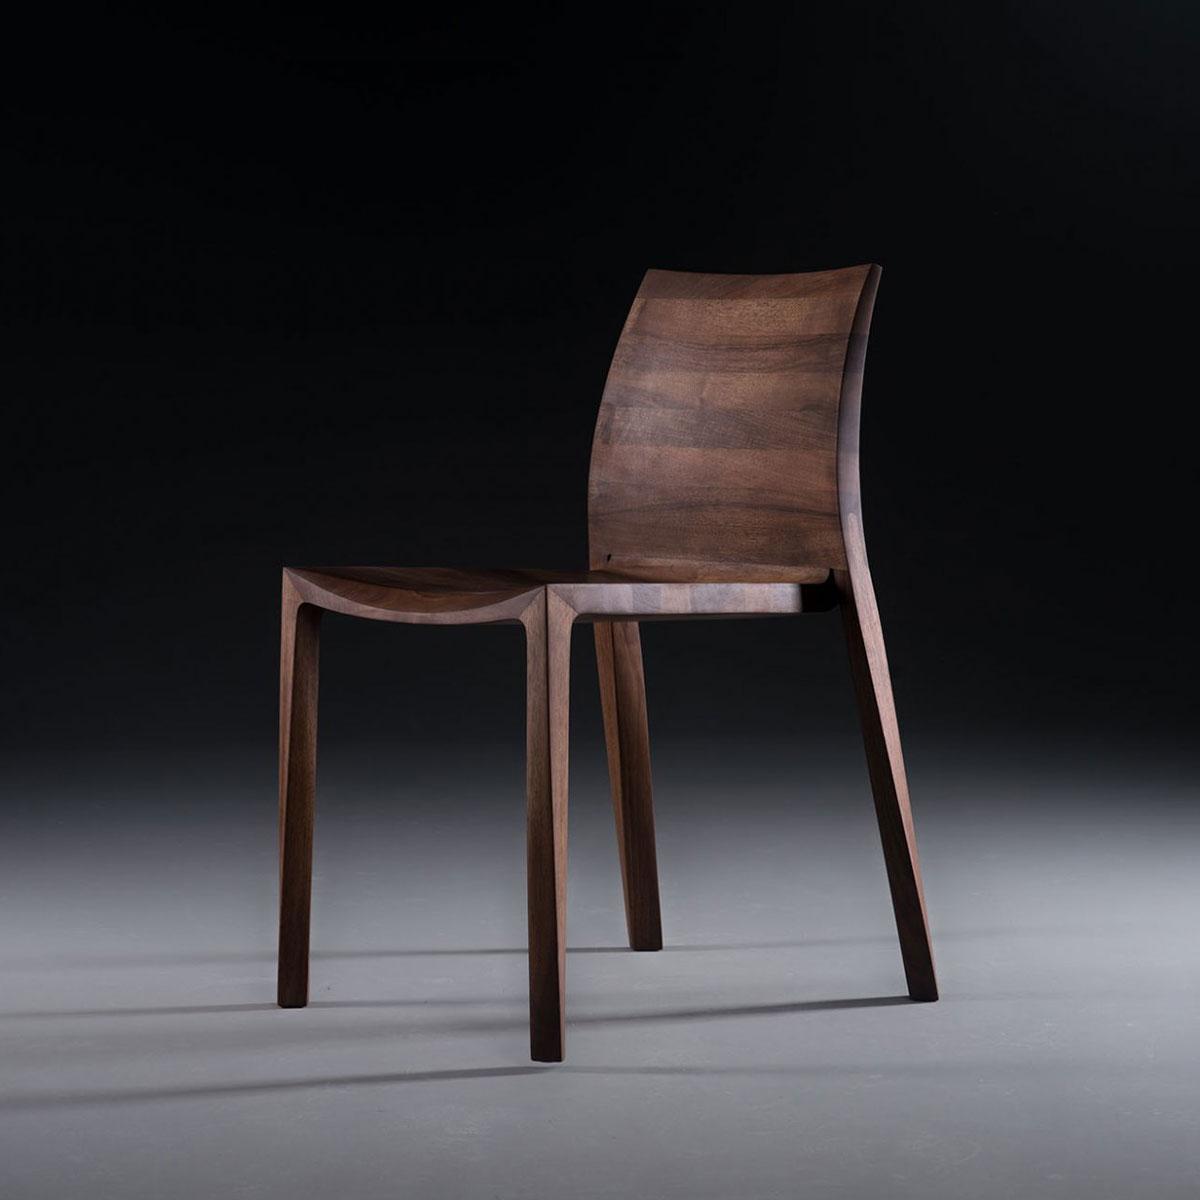 Silla Torsio, diseño actual y original para Artisan de Bosnia, en madera maciza y producción artesanal de máxima calidad